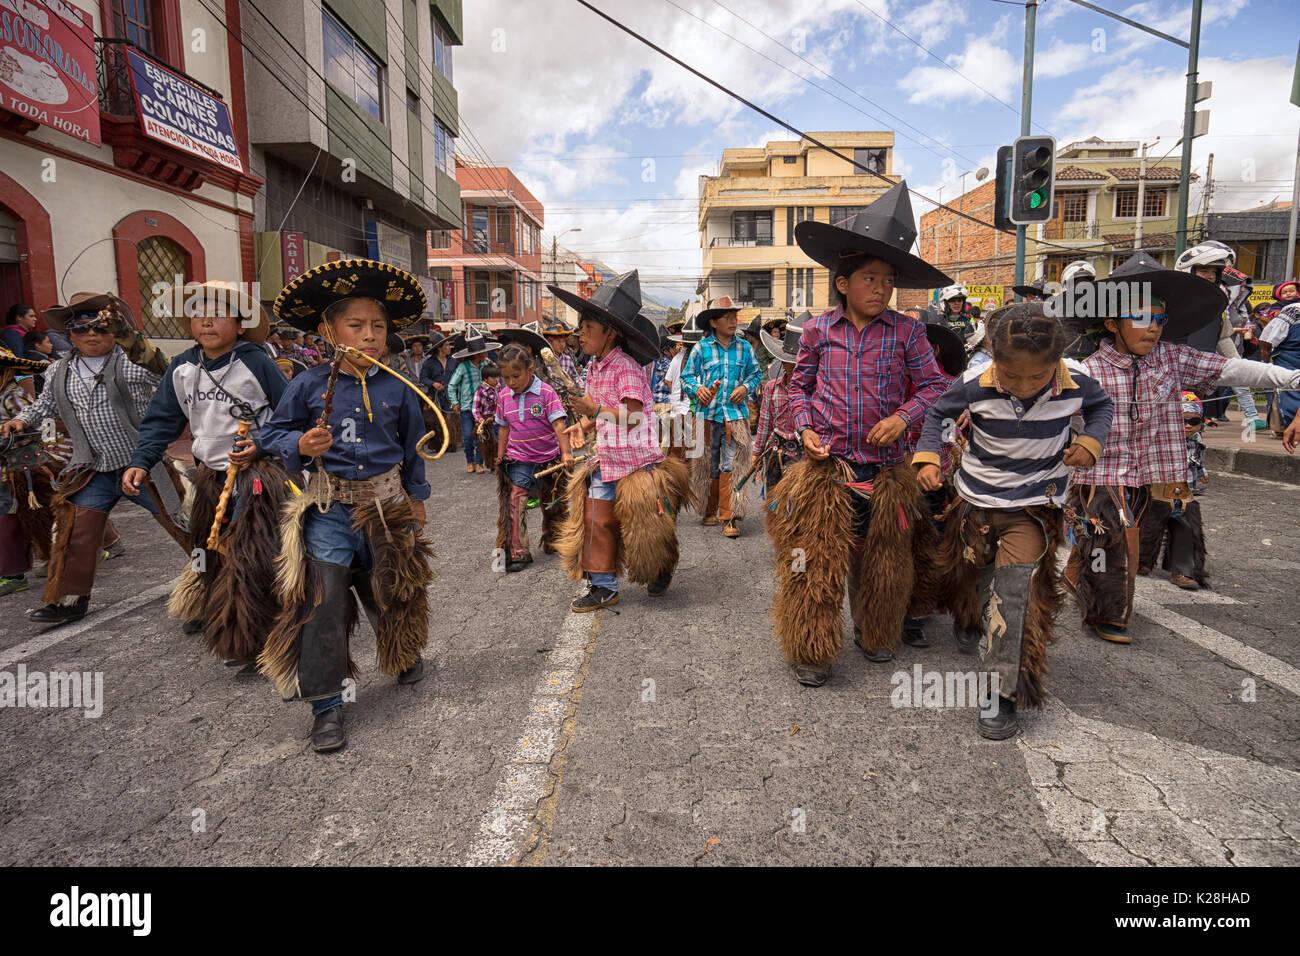 Junio 25, 2017 Cotacachi, Ecuador: niños indígenas quechuas portando sombreros y chaps bailando en el Inti Raymi celebraciones Imagen De Stock